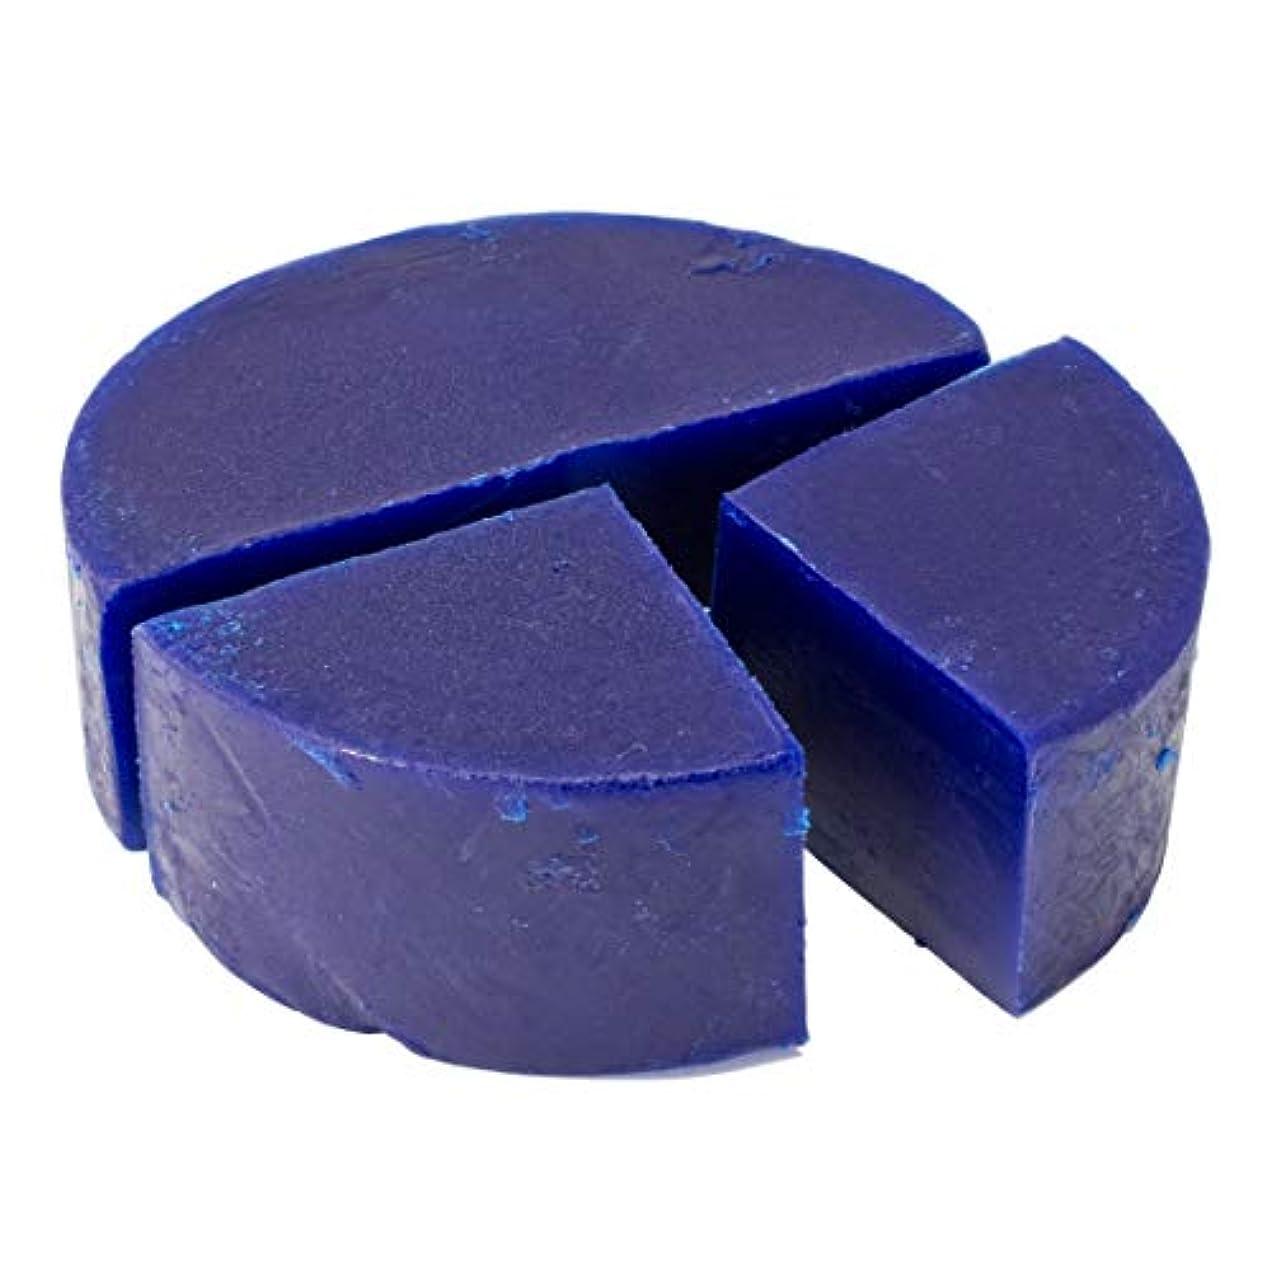 一般的な旋律的引退したグリセリン クリアソープ 色チップ 青 100g (MPソープ)